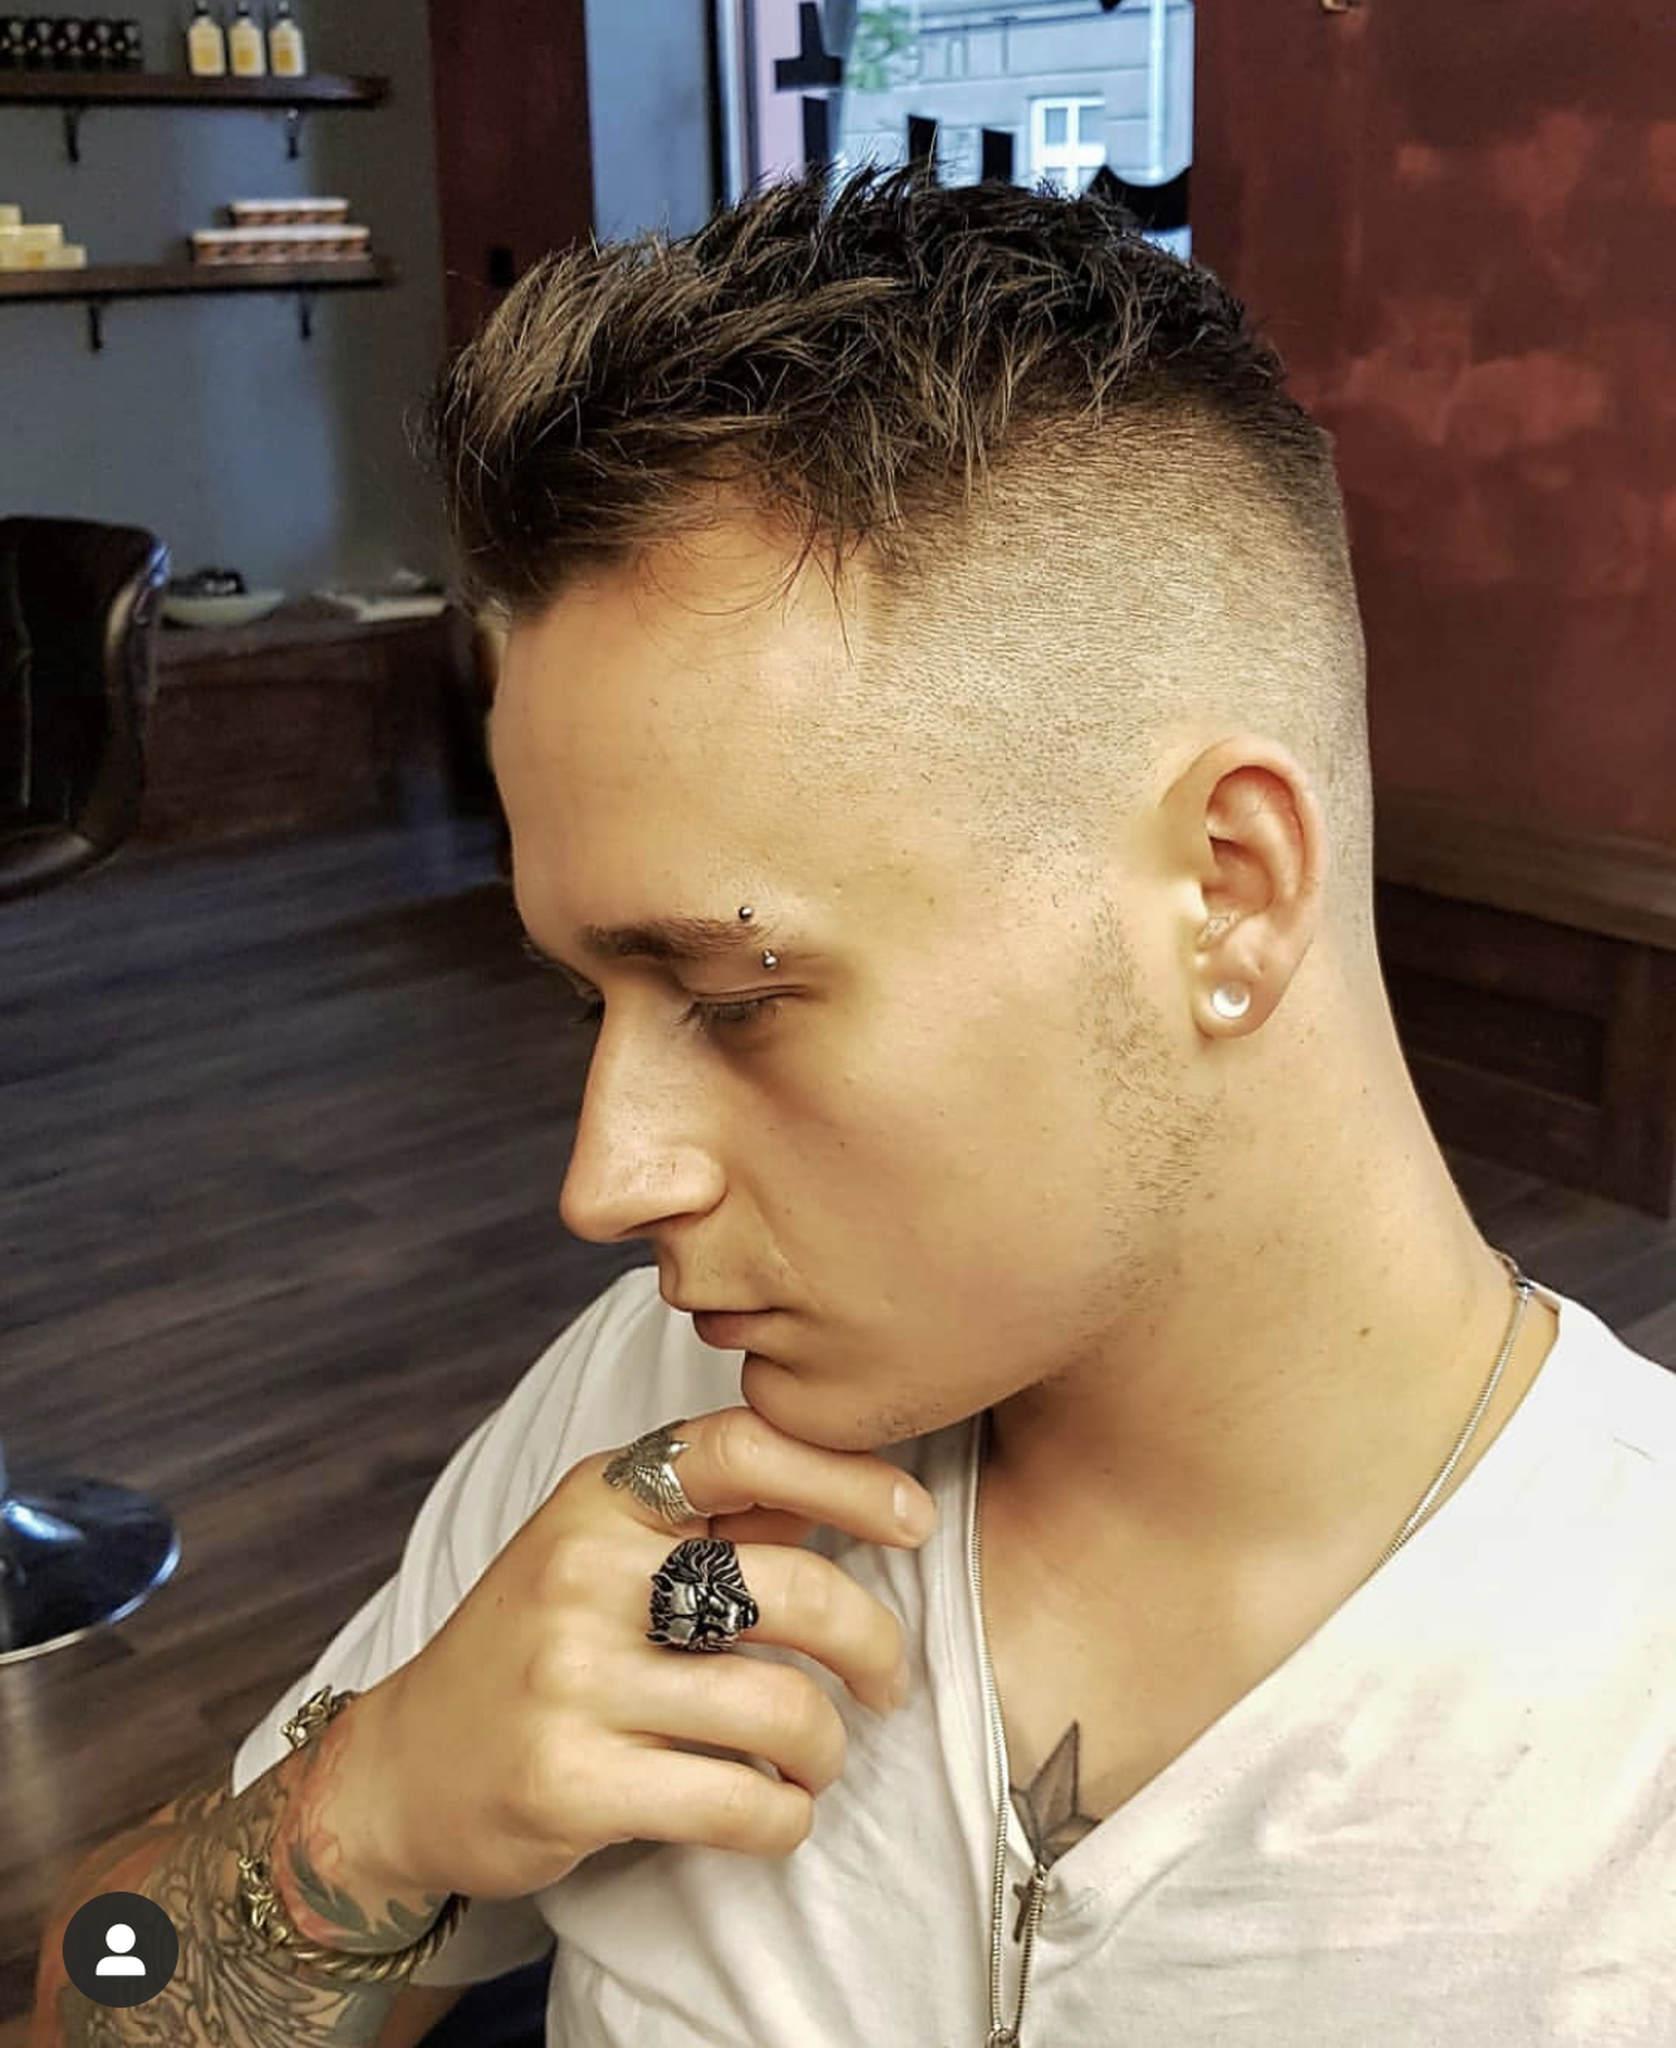 Zwiewna, lekka fryzura męska